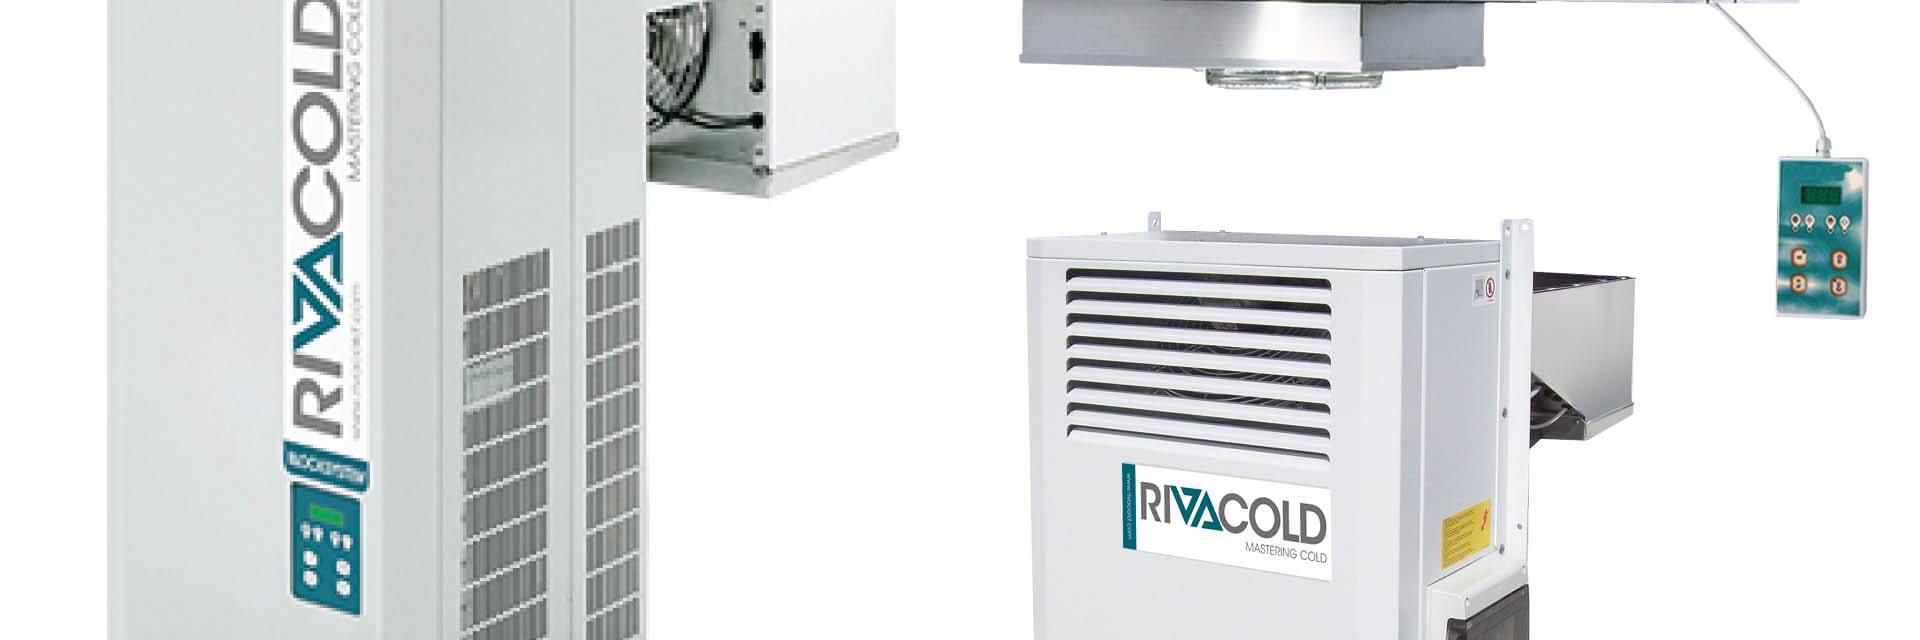 Rivacold monobloc: insteekunits, mobiele toepassingen en dakunits